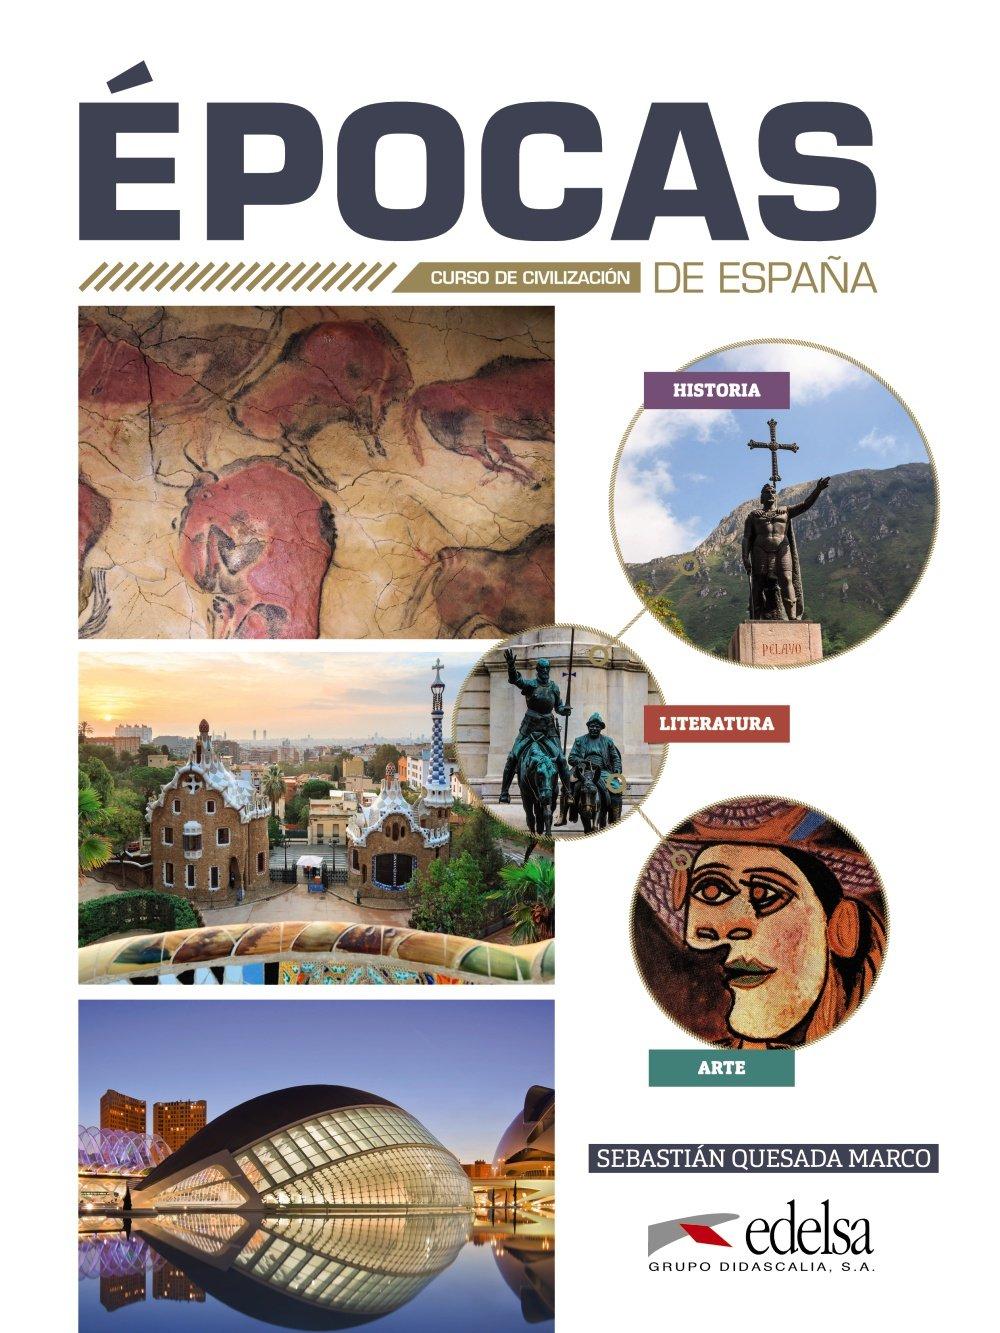 Épocas de España Civilización y Cultura - Jóvenes y adultos ...